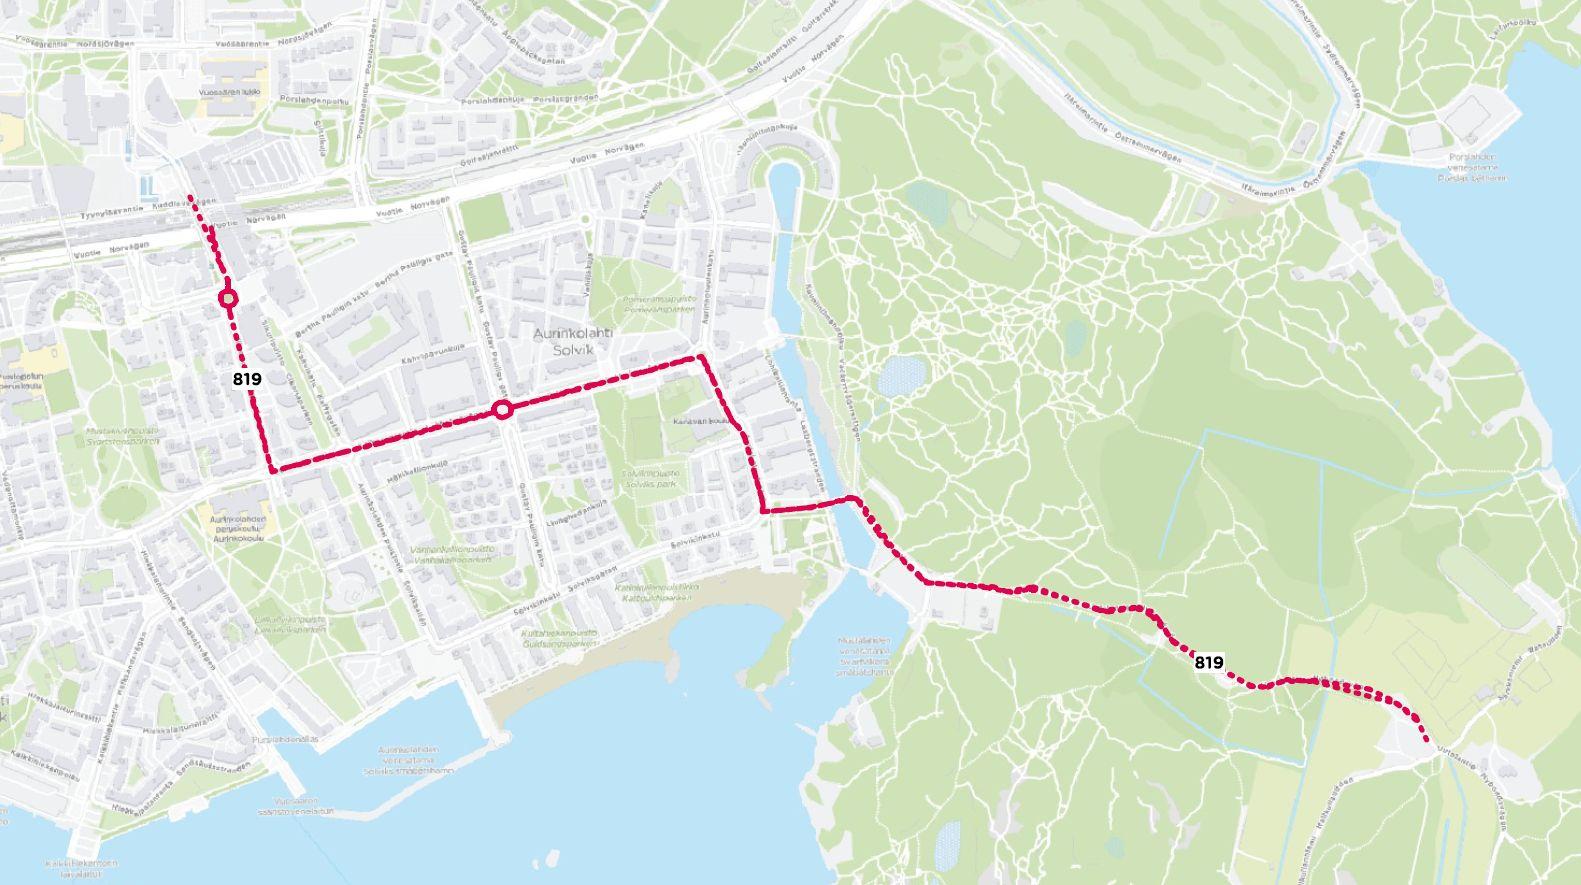 Reittikartta linjasta 819